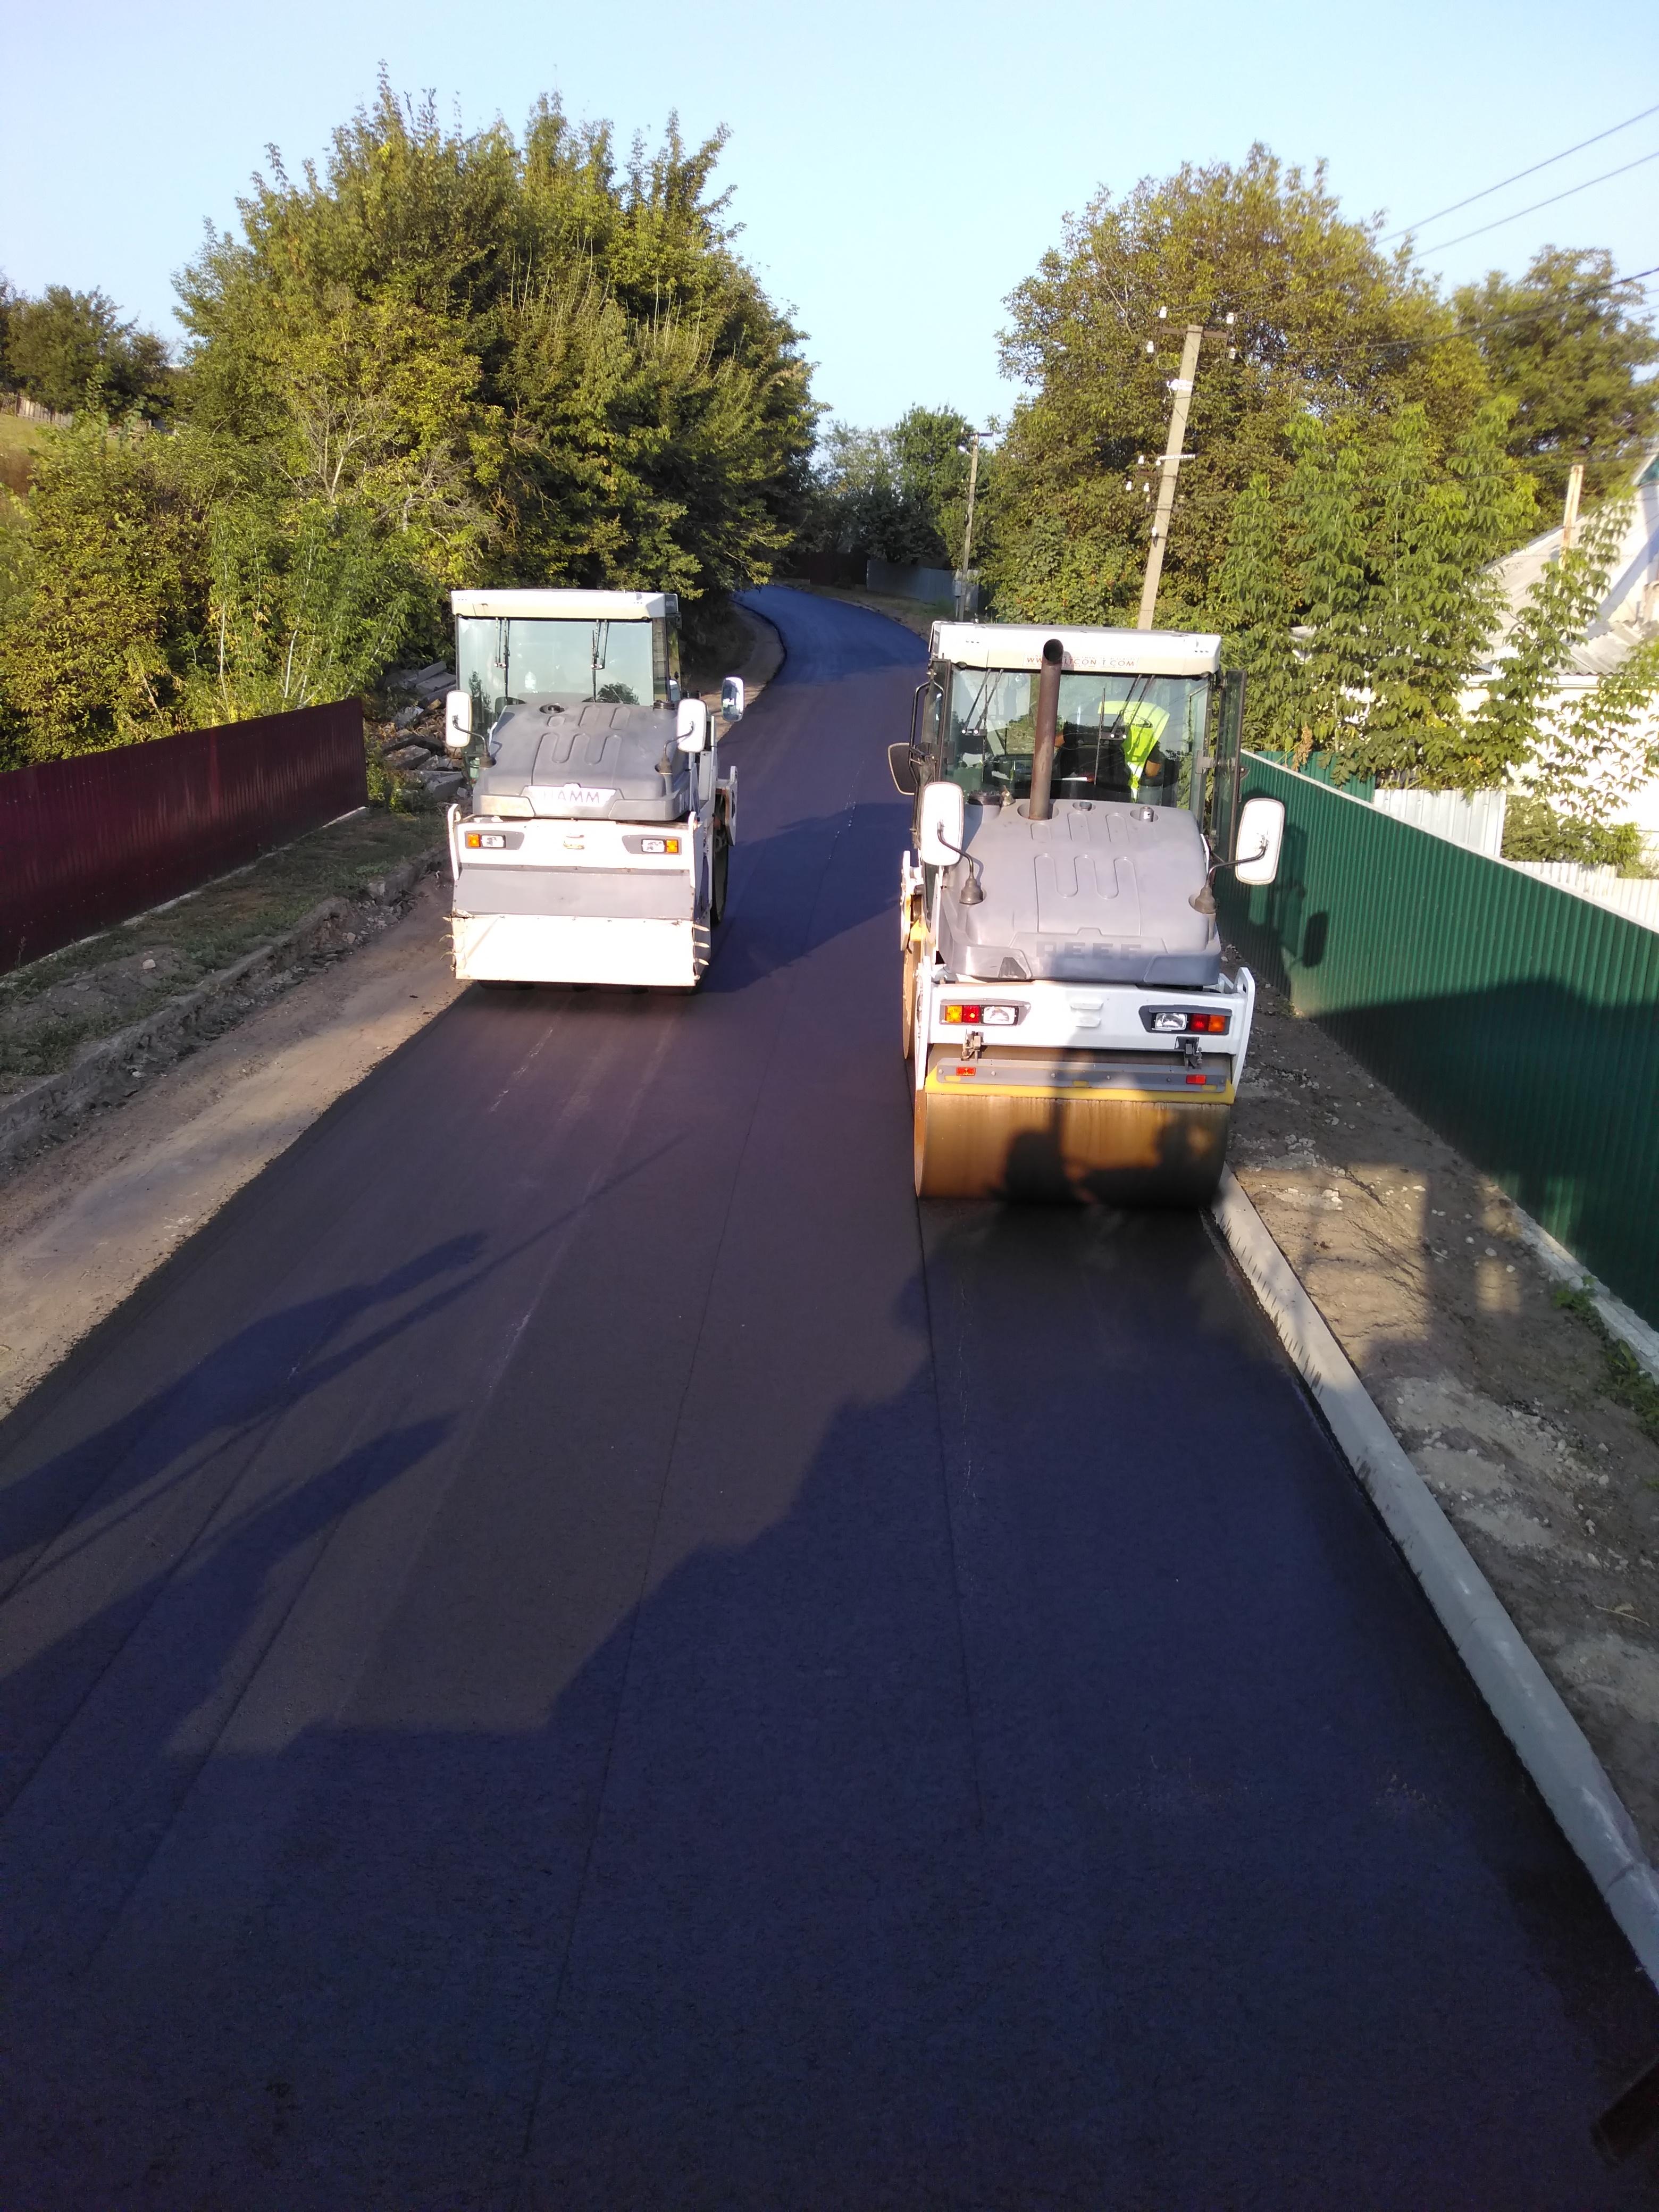 Асфальтирование улиц, укладка асфальта, асфальтирование дорог, строительство дорог, ямочный ремонт, дорожные работы, ремонт дорог